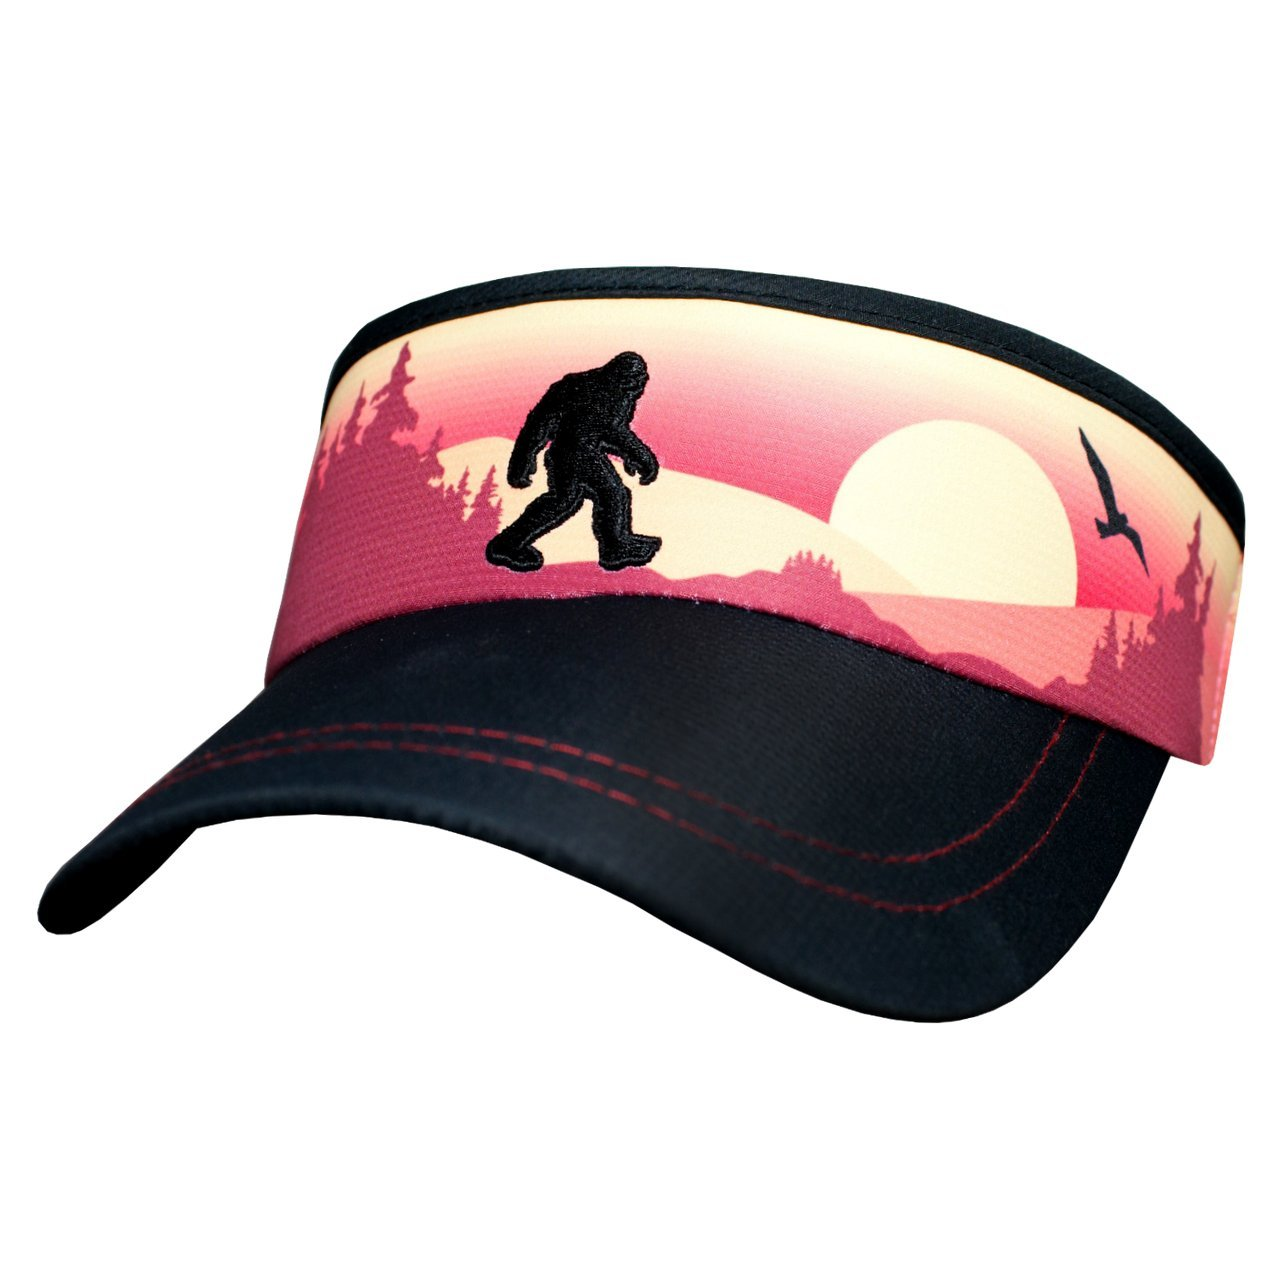 Headsweats Reflective Bigfoot Sunset Super Visor, One Size, Black/Orange